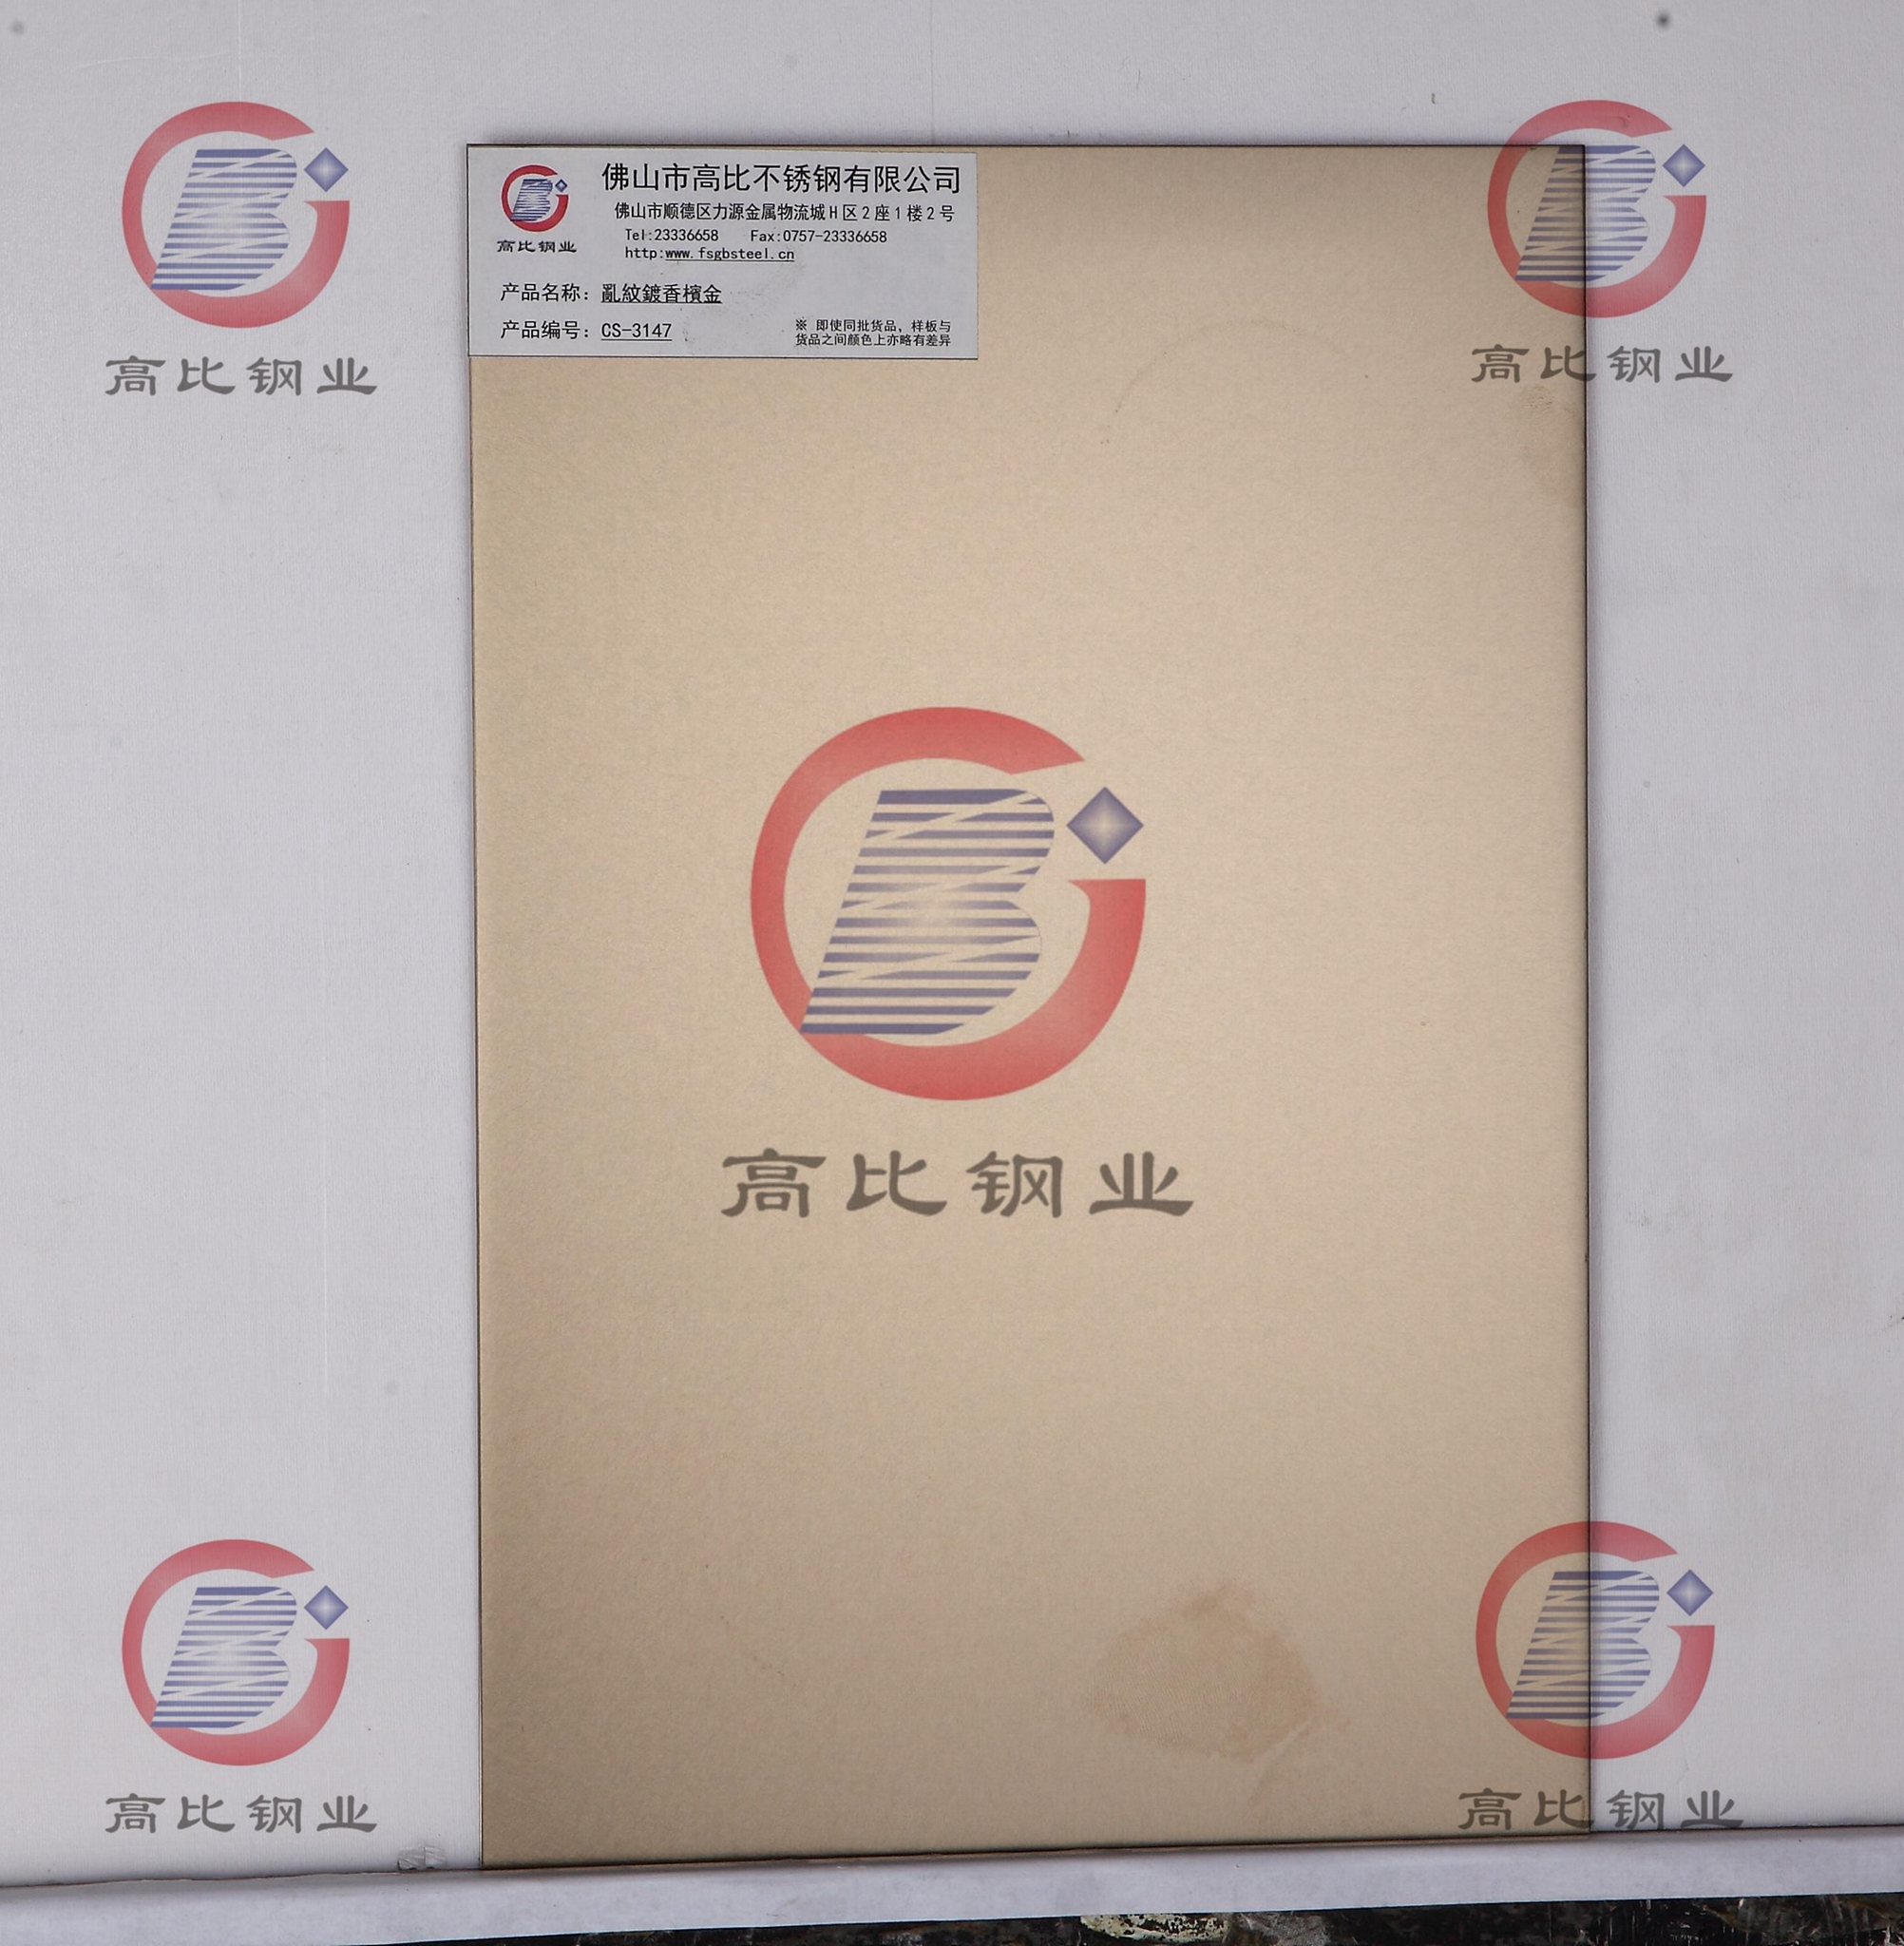 CS-3147亂紋鍍香檳金不鏽鋼板 高比真空鍍不鏽鋼加工 1